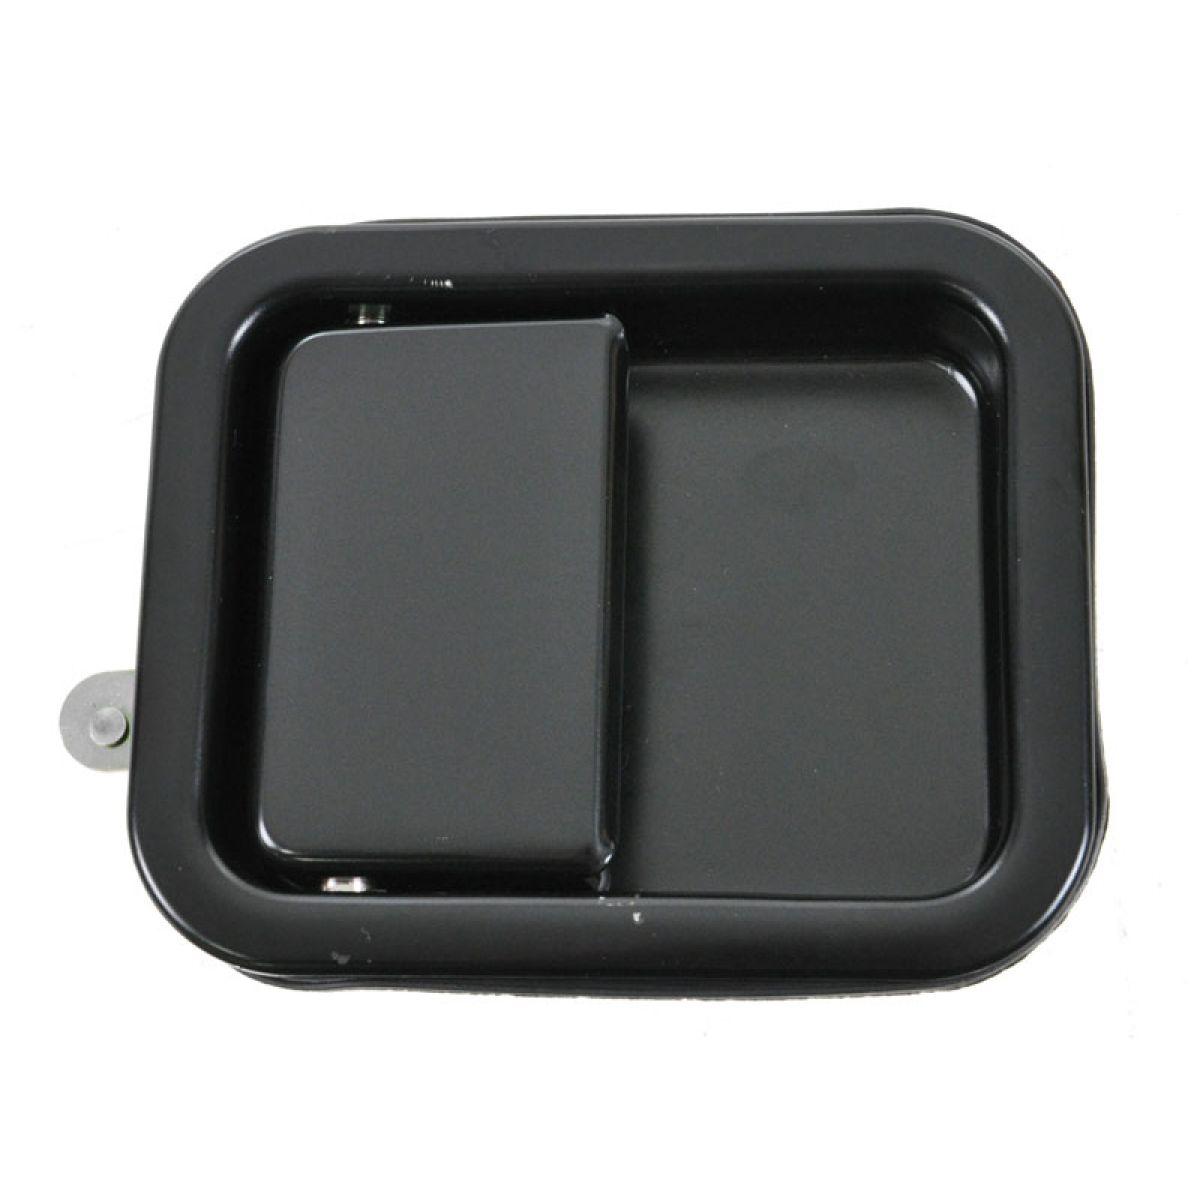 Passenger Right Side Satin Black Outside Exterior Door Handle for Wrangler CJ7